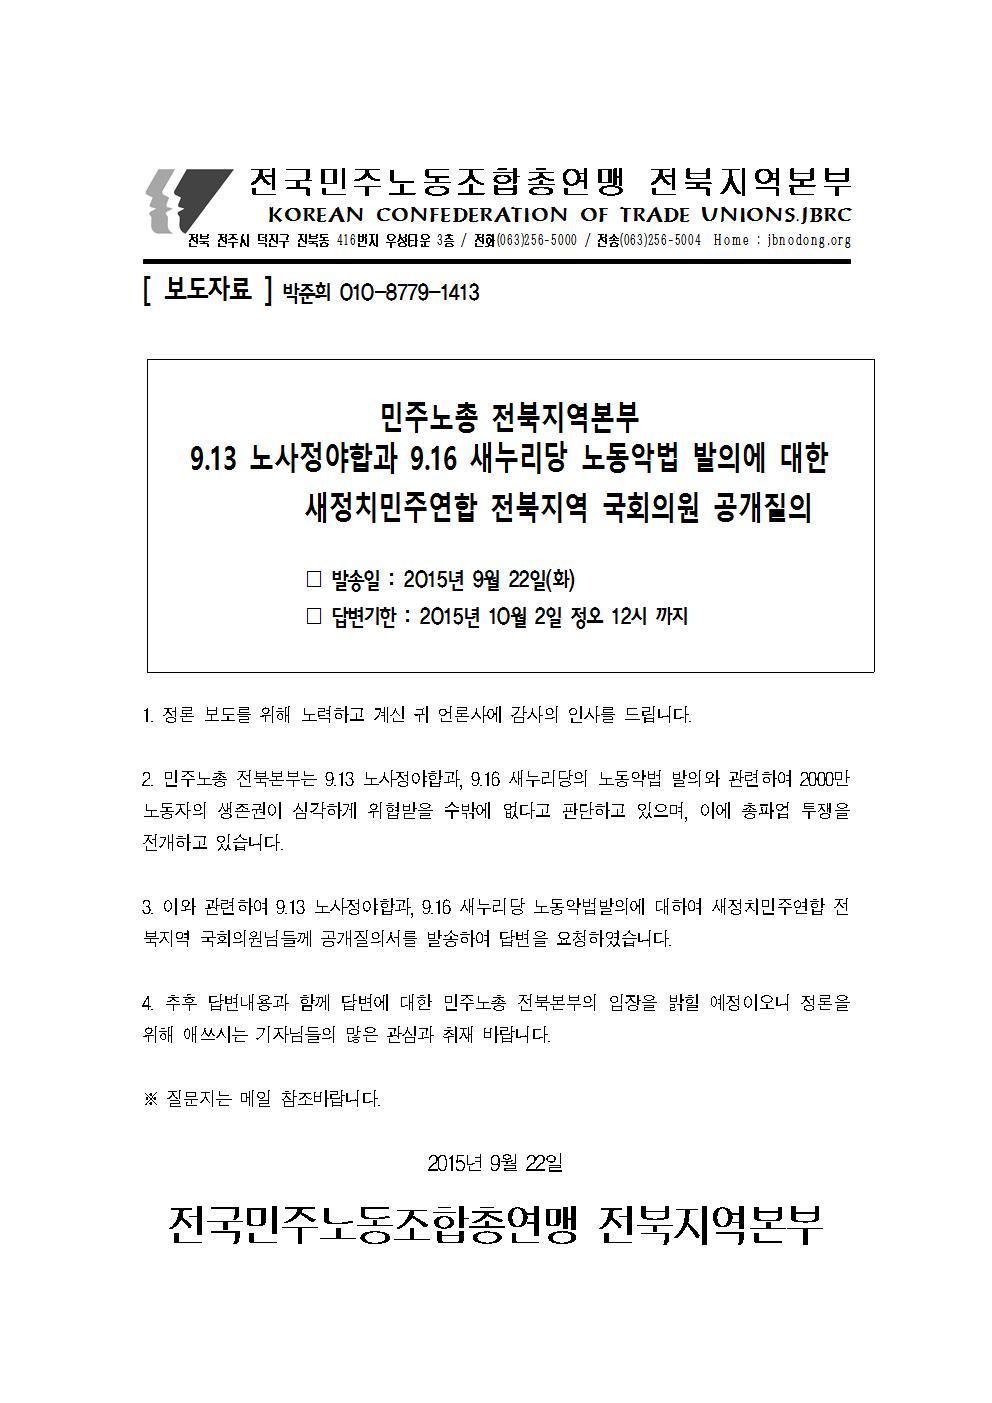 [보도자료]새정치민주연합 전북지역 국회의원 질의서001.jpg